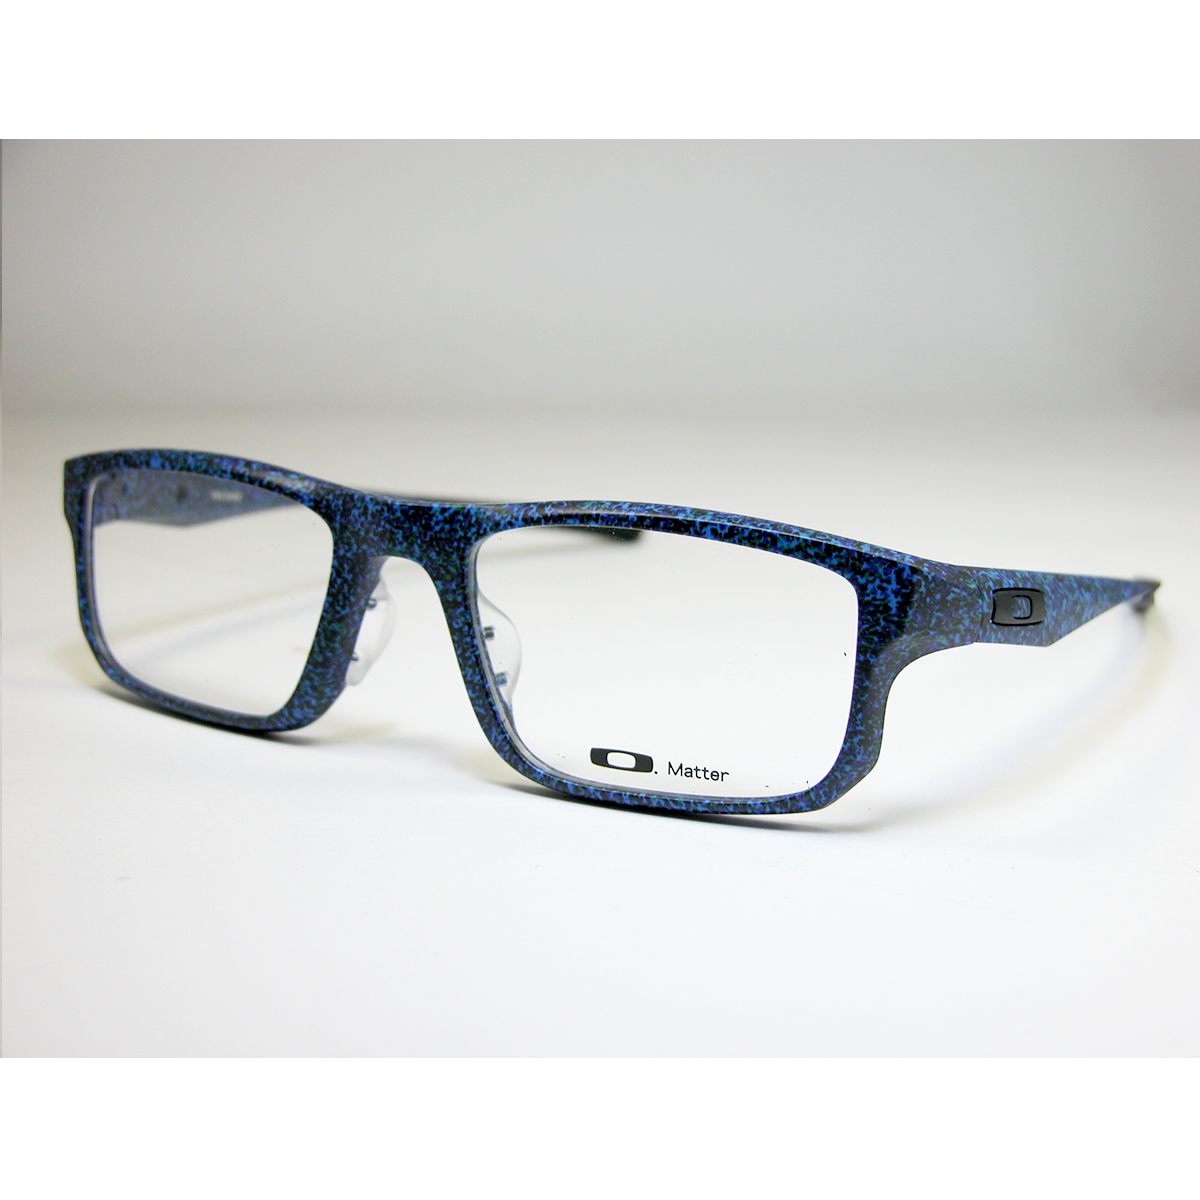 46b709f4fd 3Glass e-shop  VOLTAGE OX-8066-0453 mens sunglasses OAKLEY Oakley ...